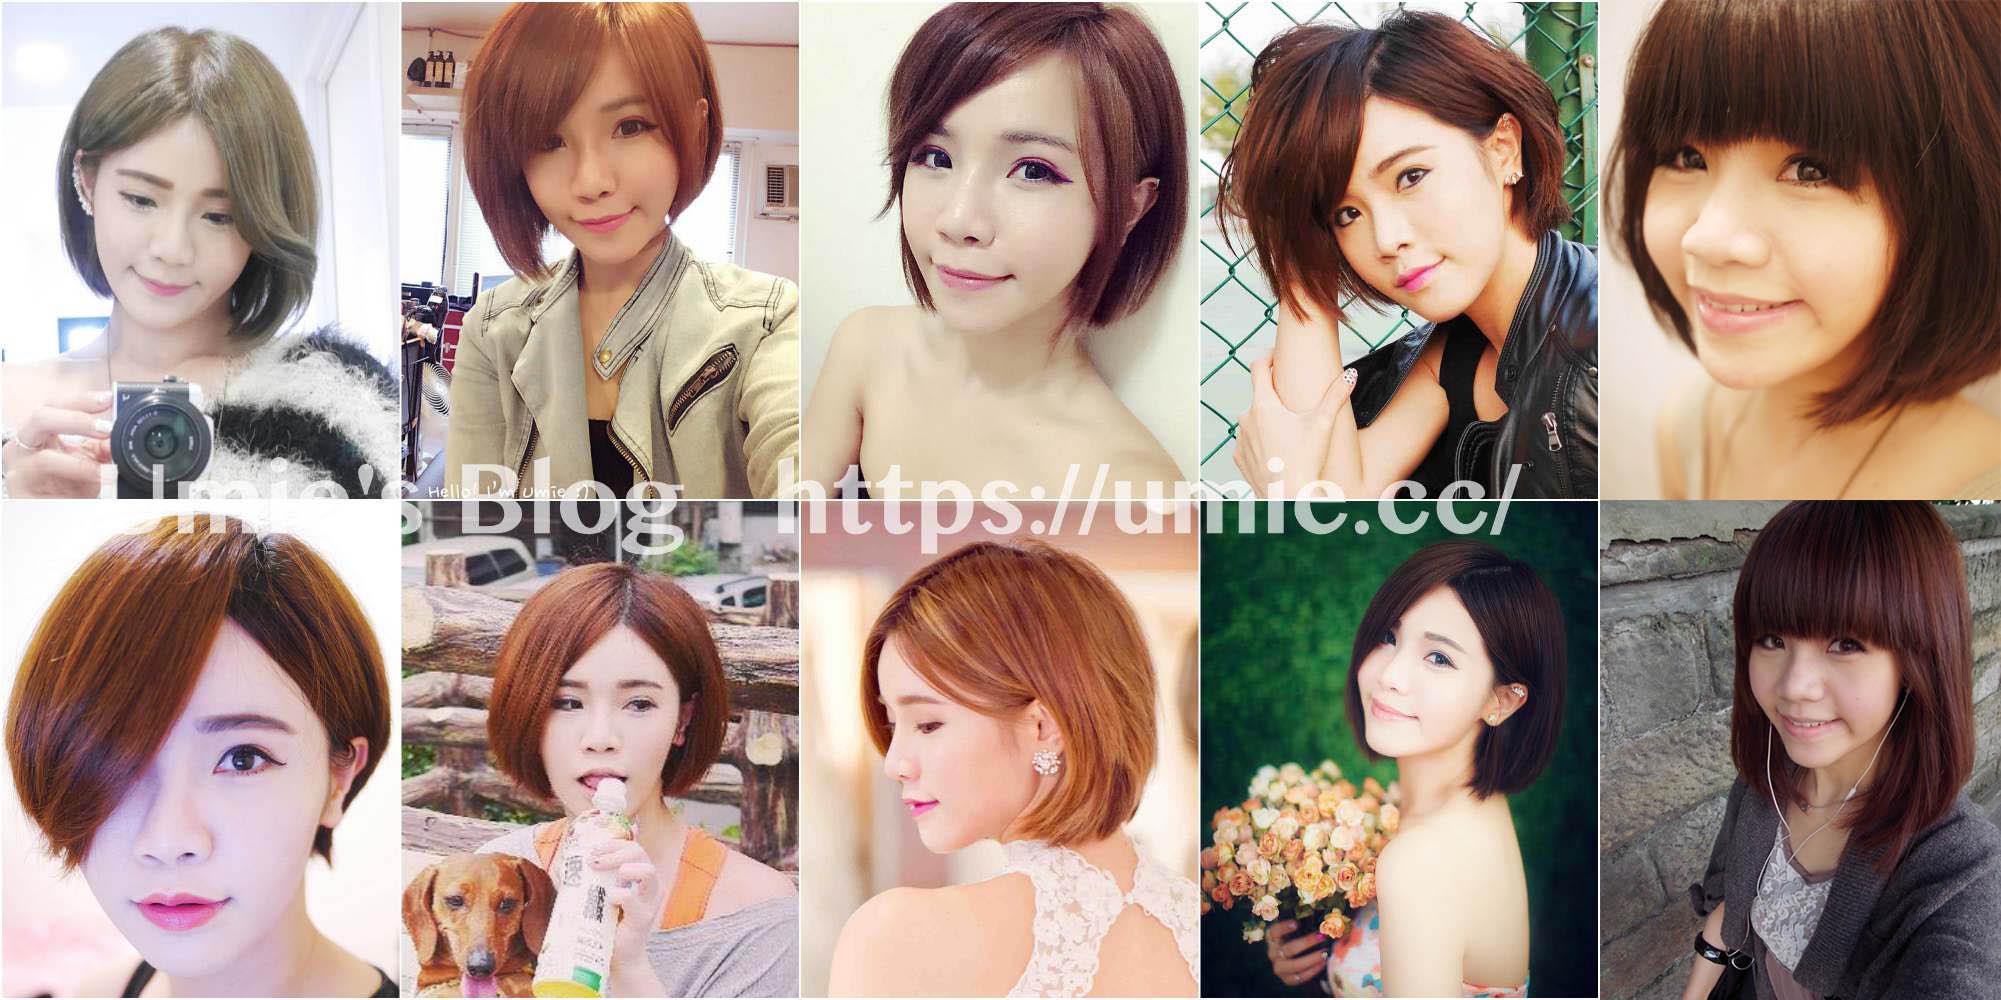 女生短髮建議|推薦流行短髮參考造型| 我的8年53種俏麗短髮照片記錄 :)